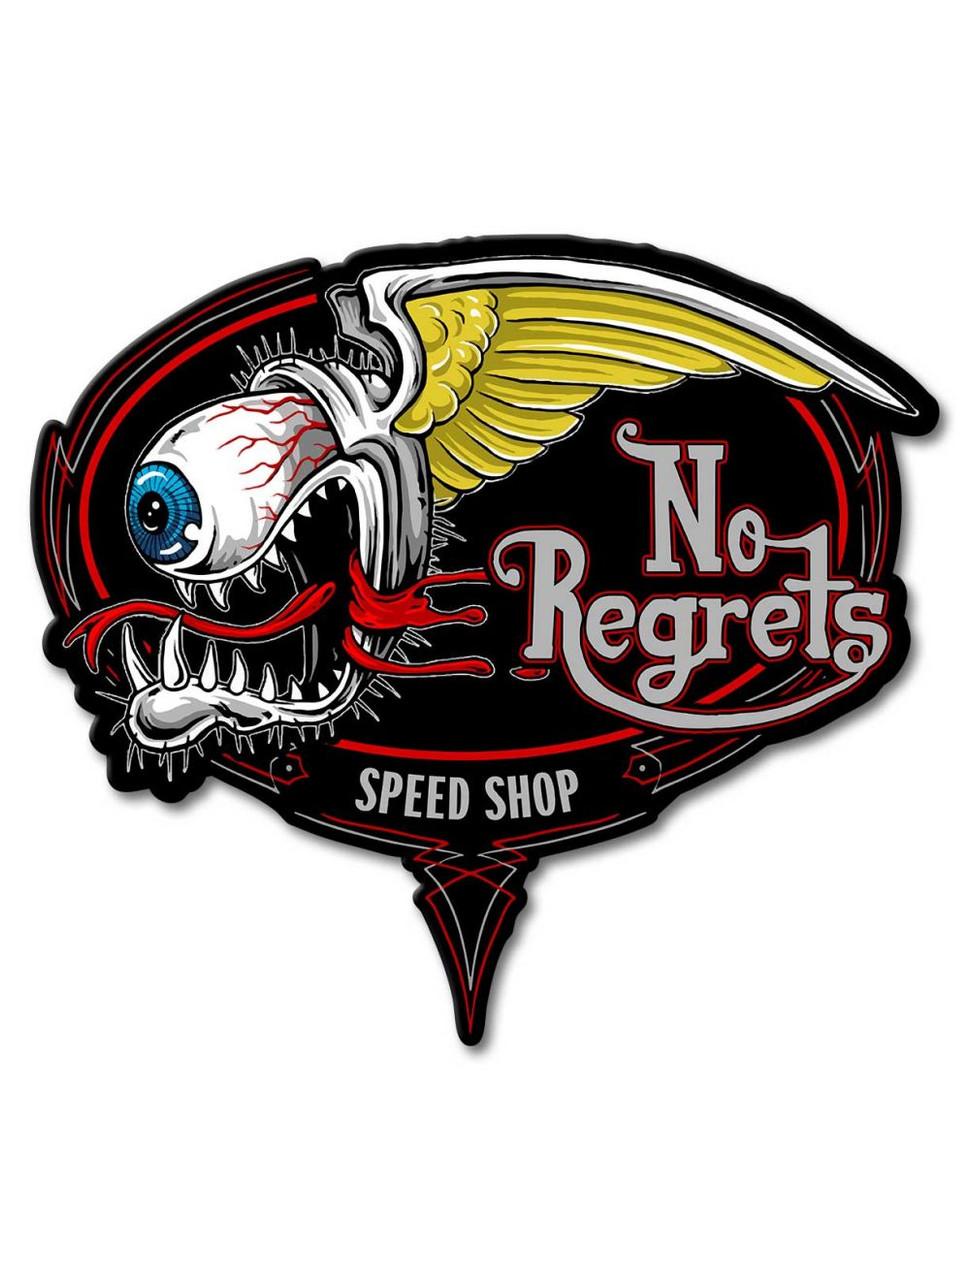 No Regrets Metal Sign 16 x 15 Inches